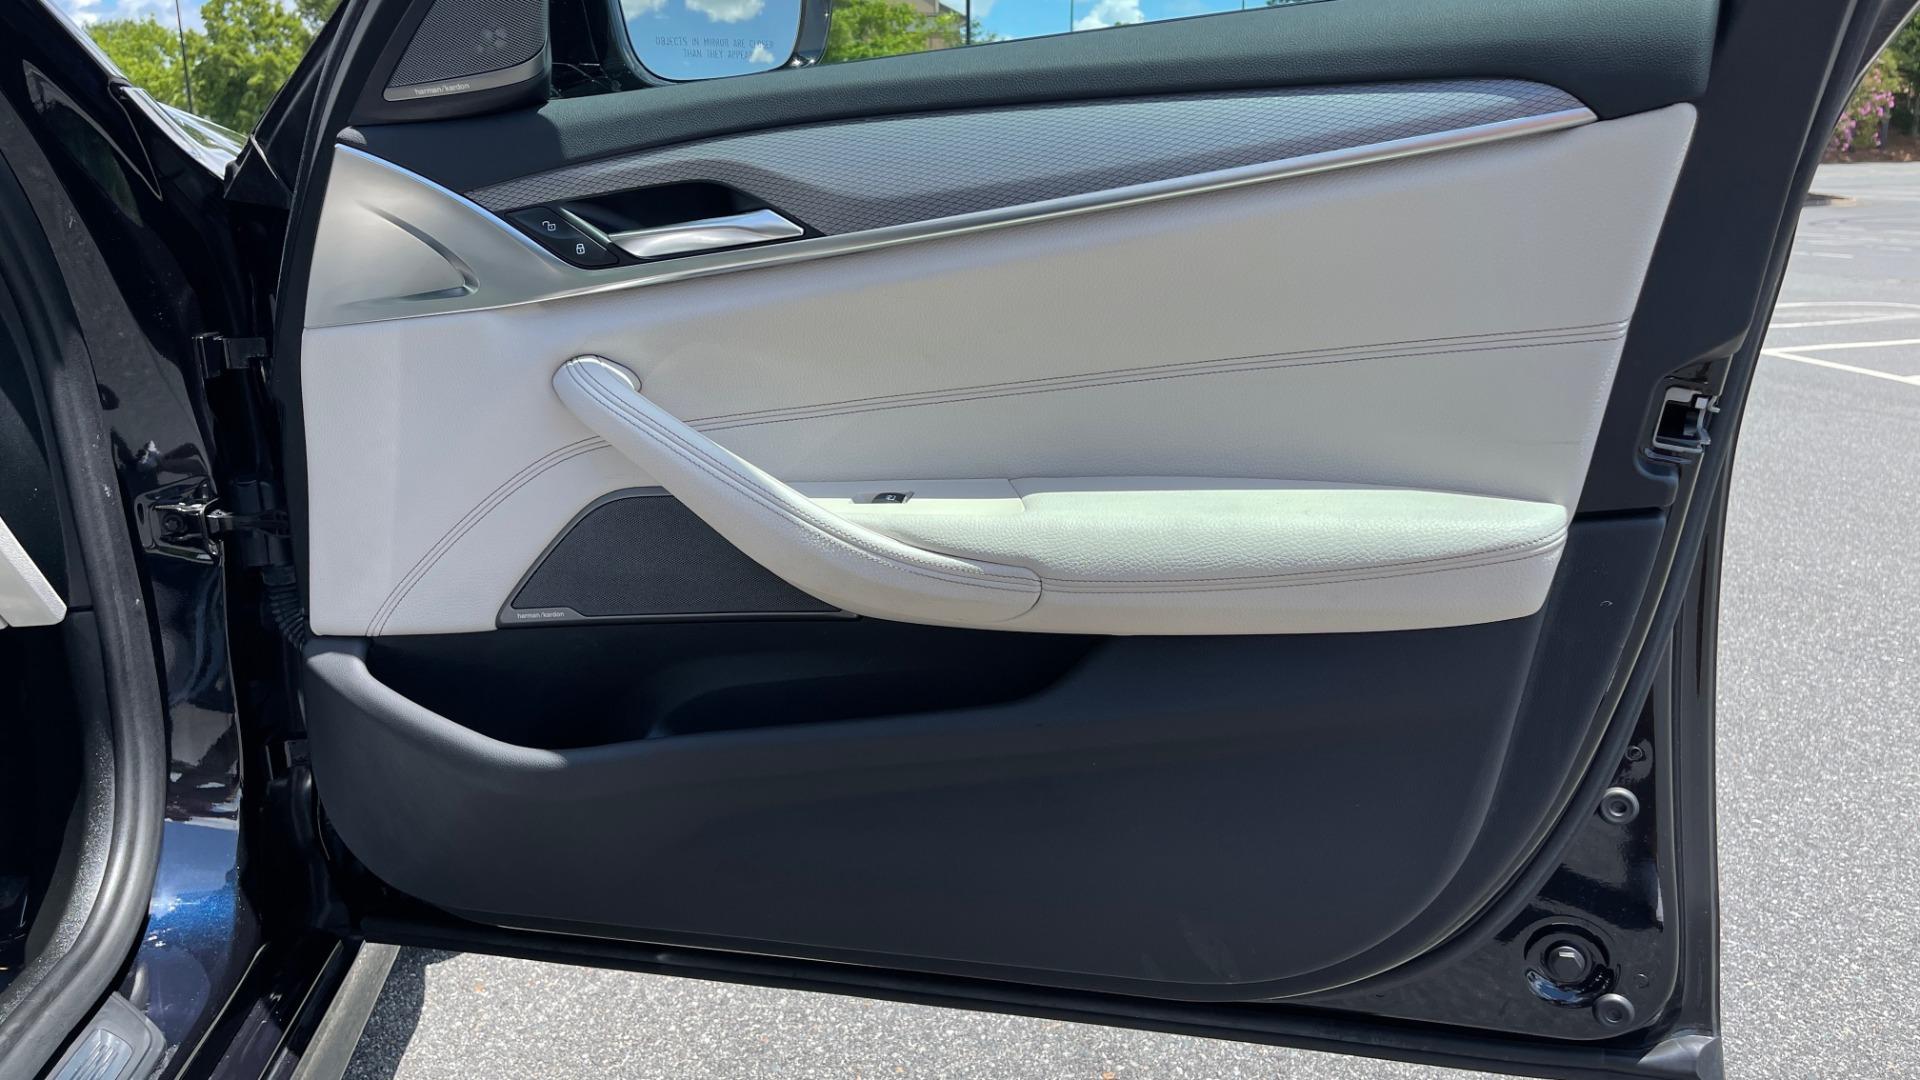 Used 2018 BMW 5 SERIES 540I M-SPORT / EXECUTIVE PKG / DRVR ASST PKG / BLIND SPOT / LANE DEPART for sale $40,995 at Formula Imports in Charlotte NC 28227 69